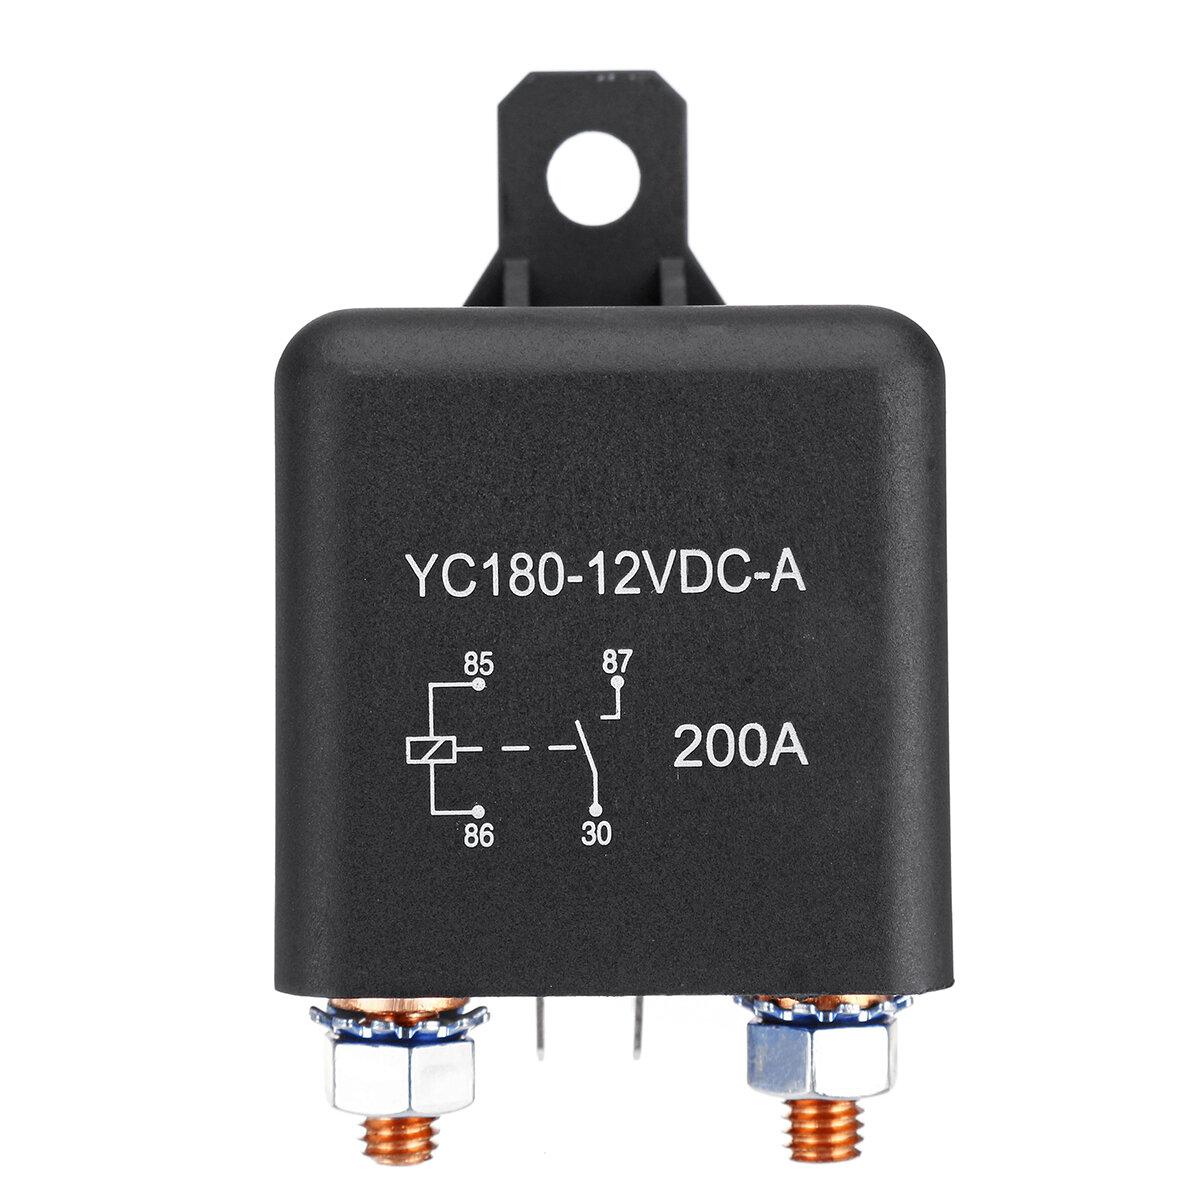 Interruptor de relé de encendido / apagado de 12V 200A Terminales de 4 pines de carga dividida de servicio pesado para f